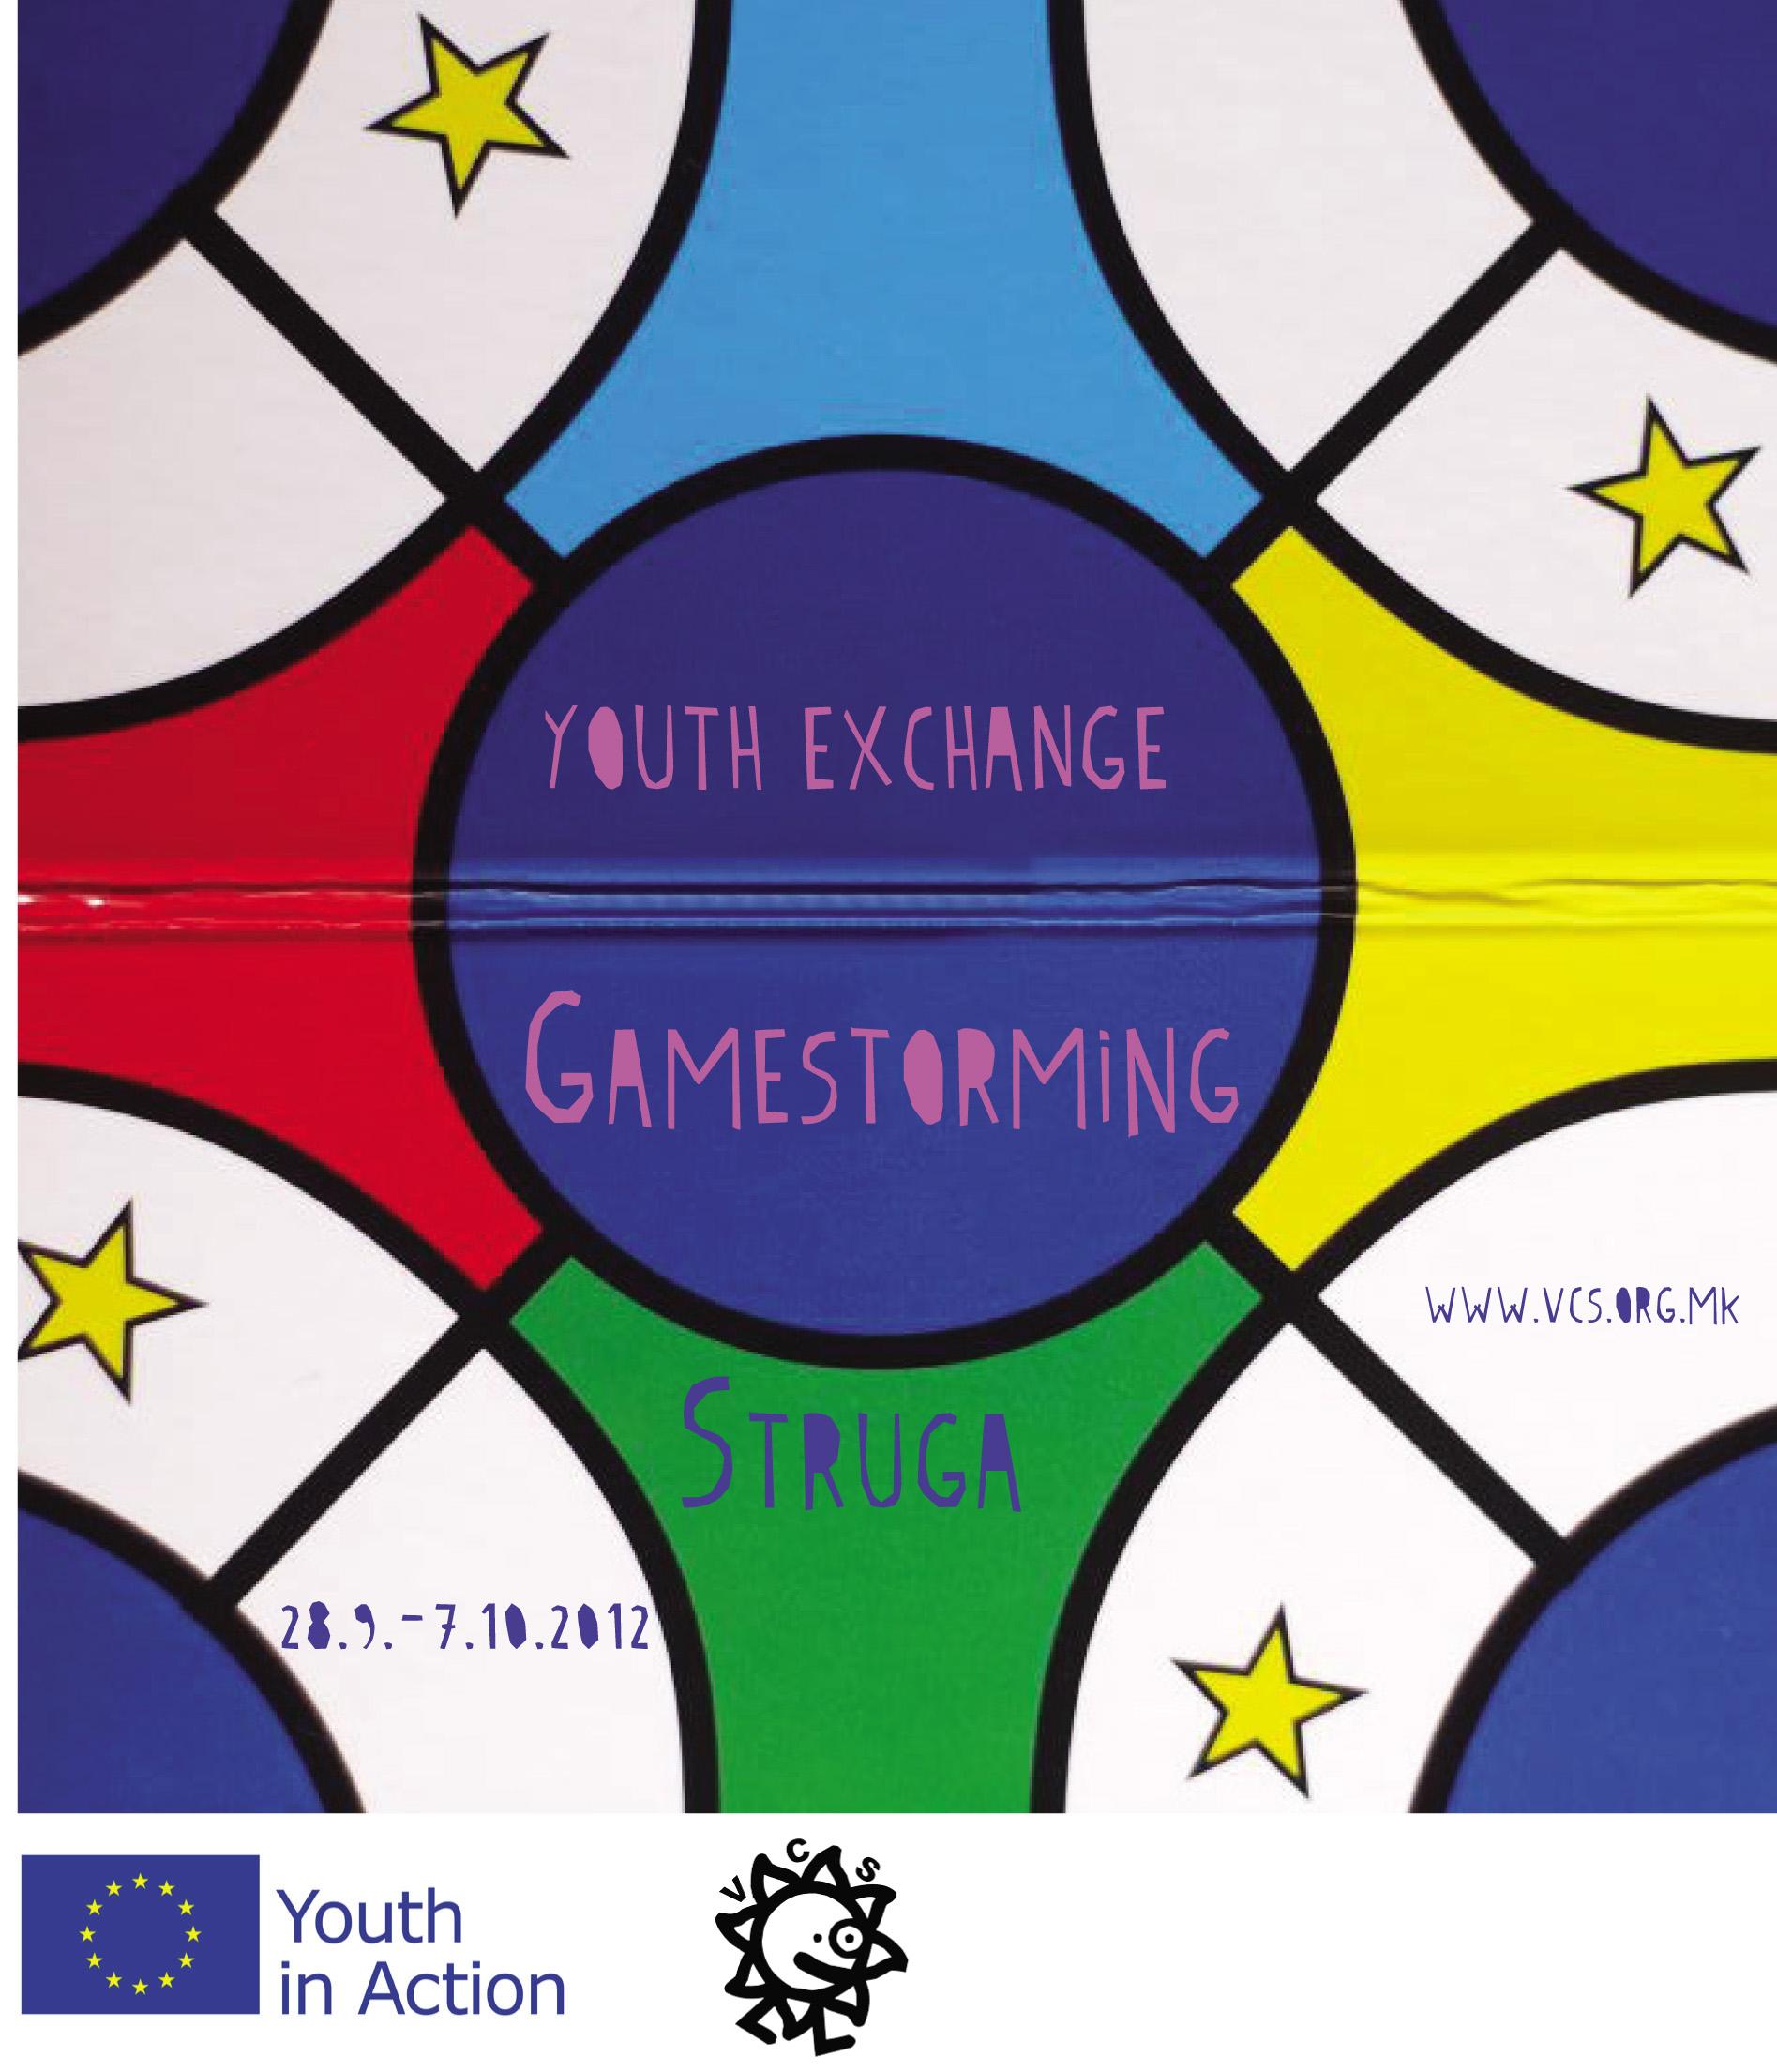 YE Gamestorming is Coming